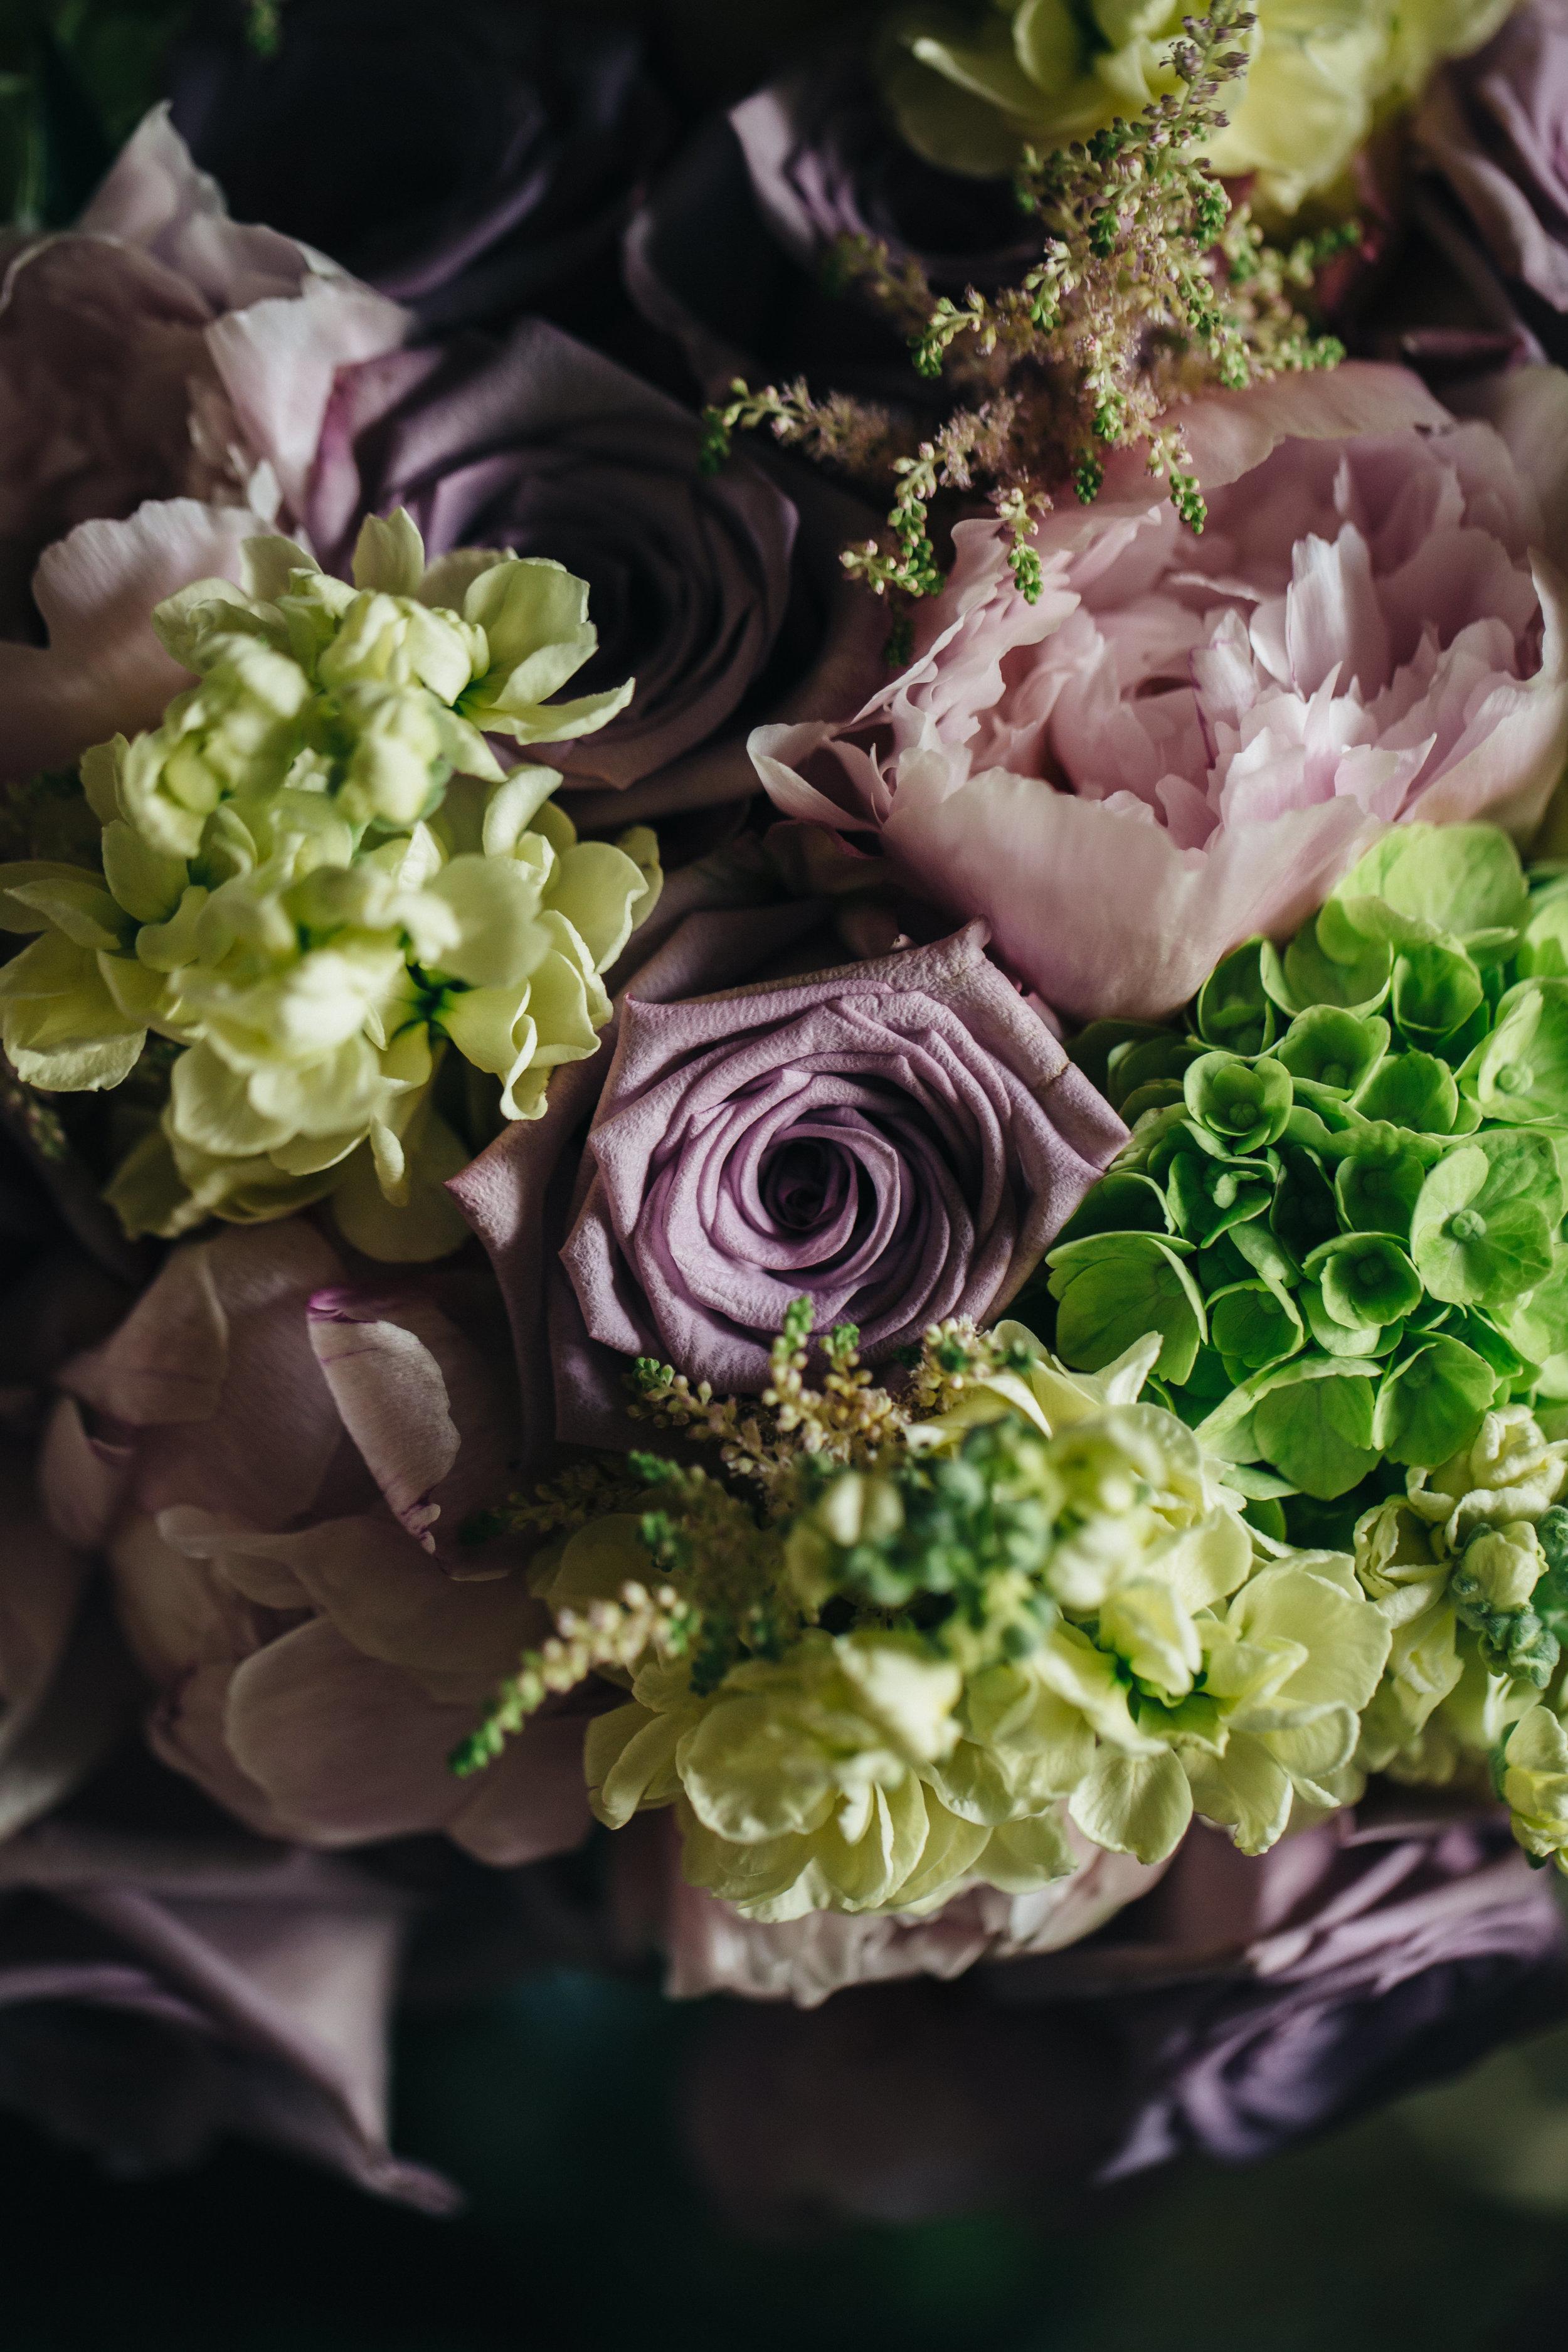 Vintage floral arrangement at summer wedding at Schedel Gardens.